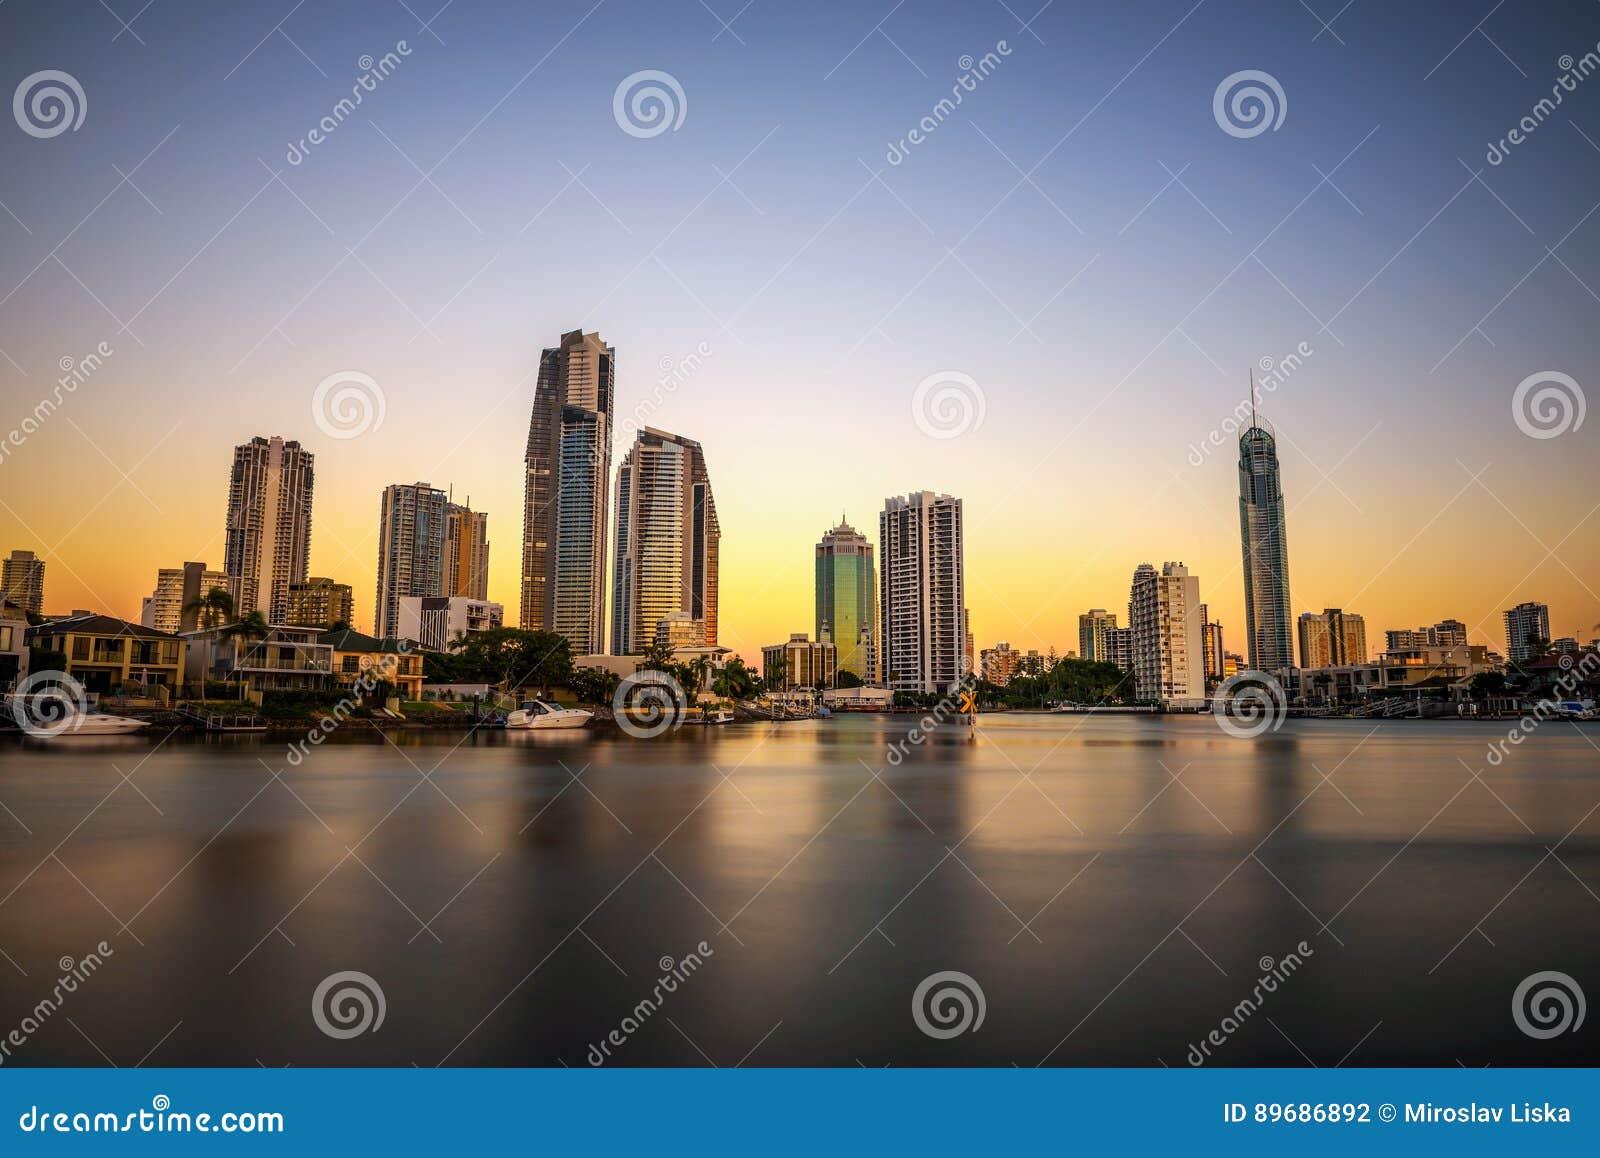 Zmierzch linia horyzontu złota wybrzeża śródmieście w Queensland, Australia